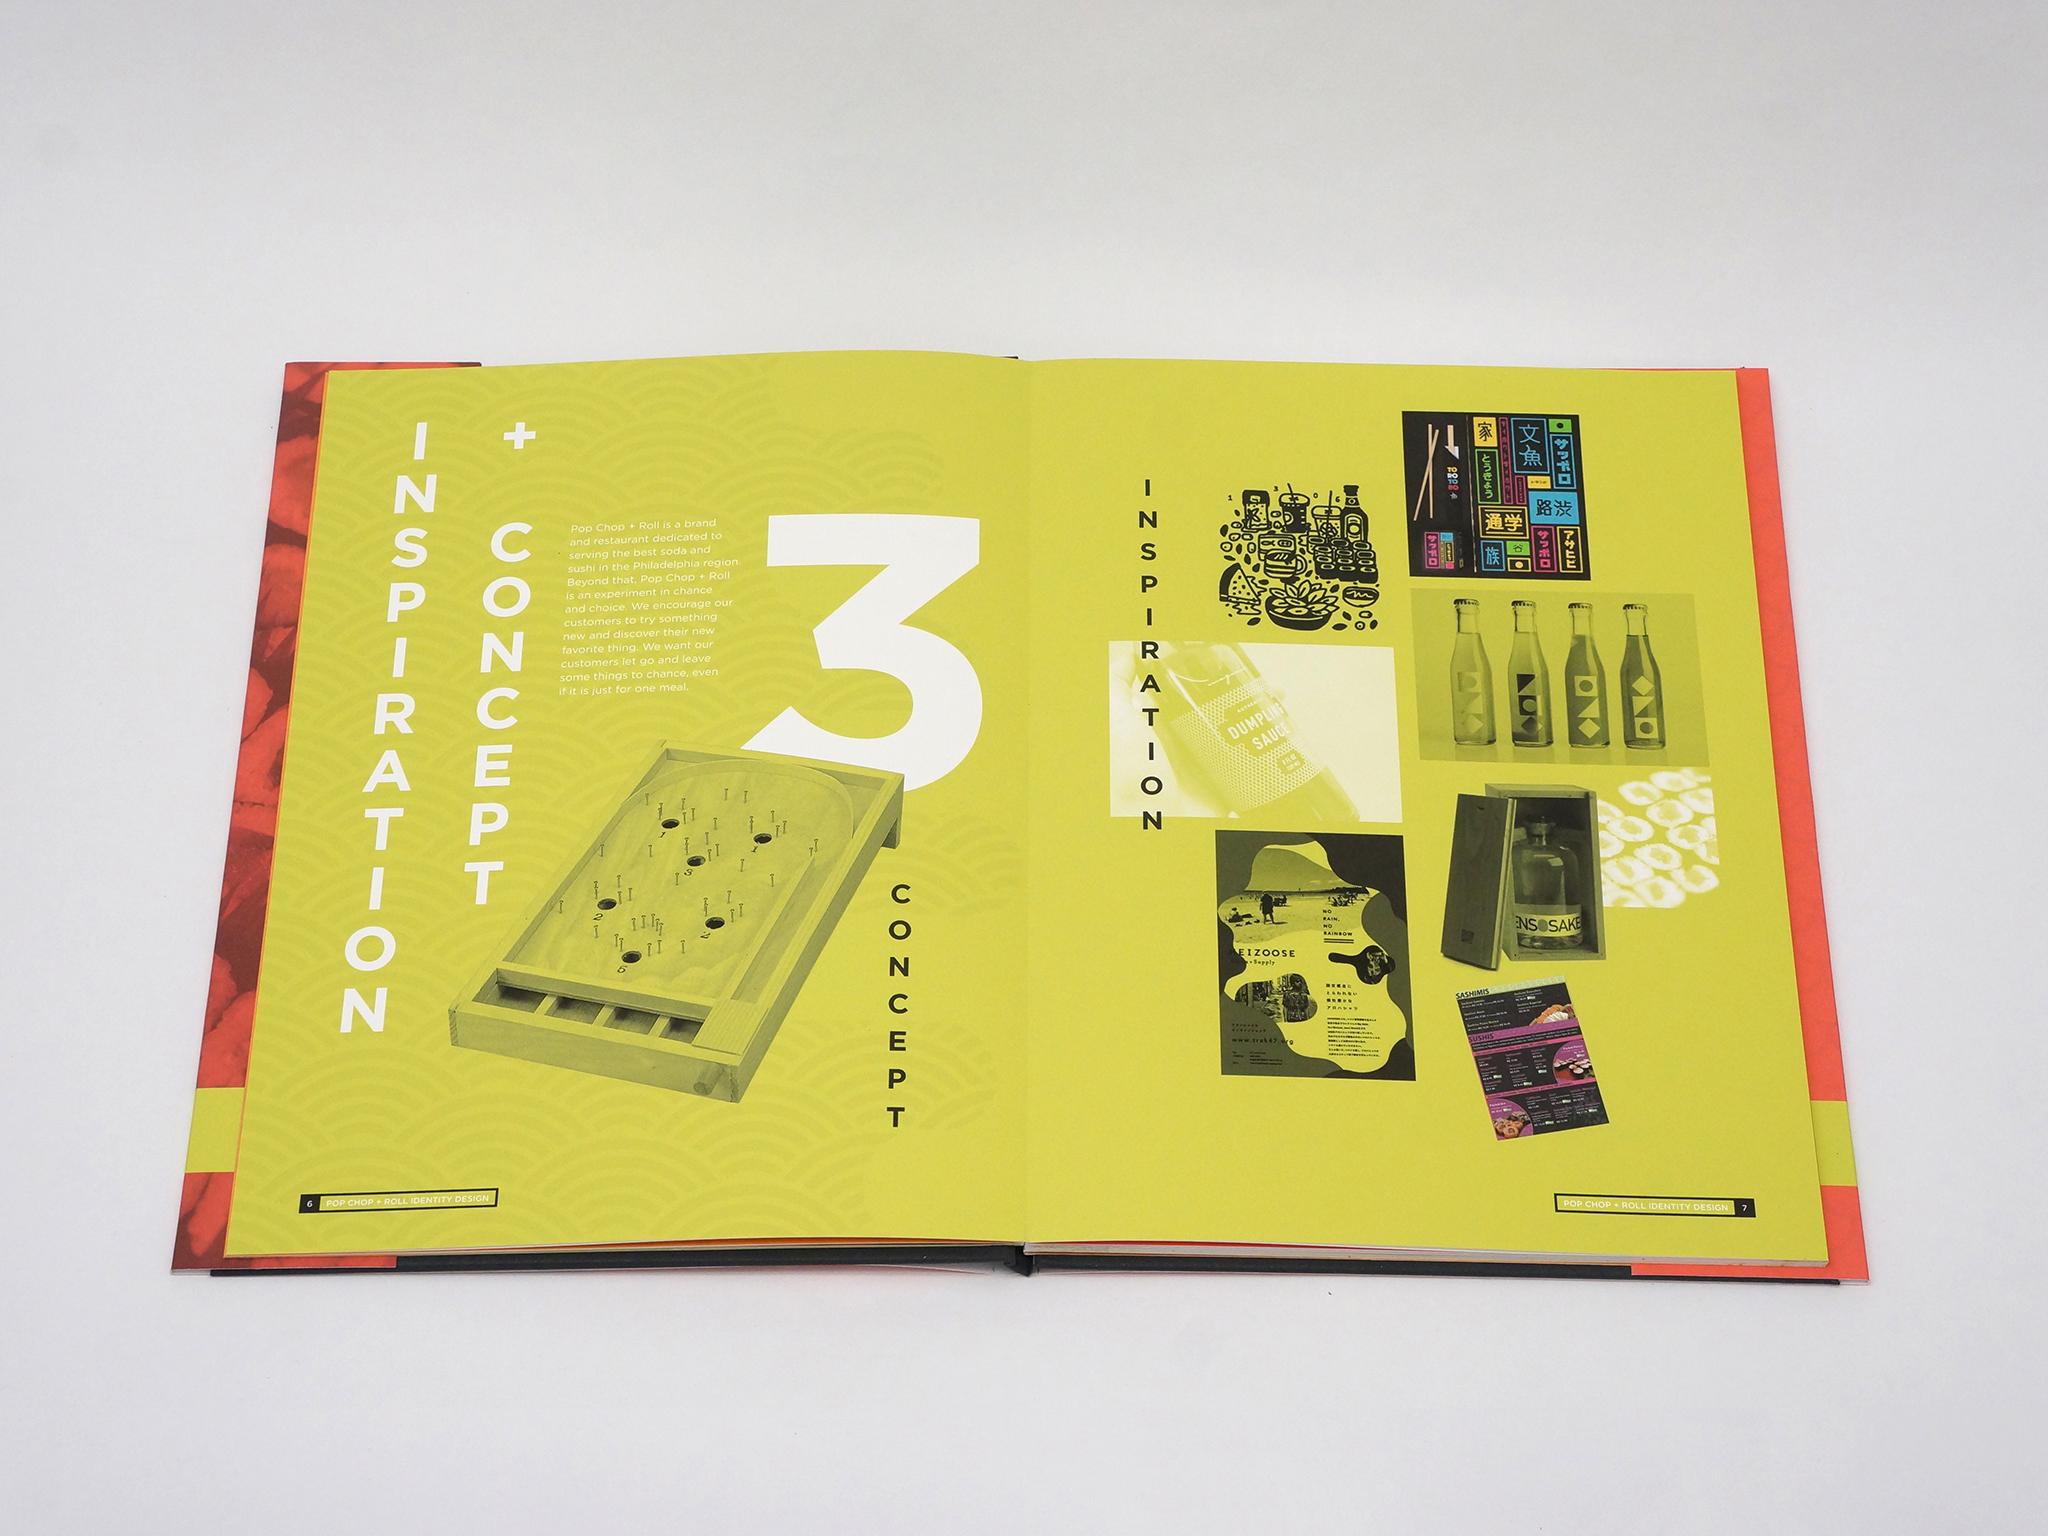 pcr_book_5.jpg